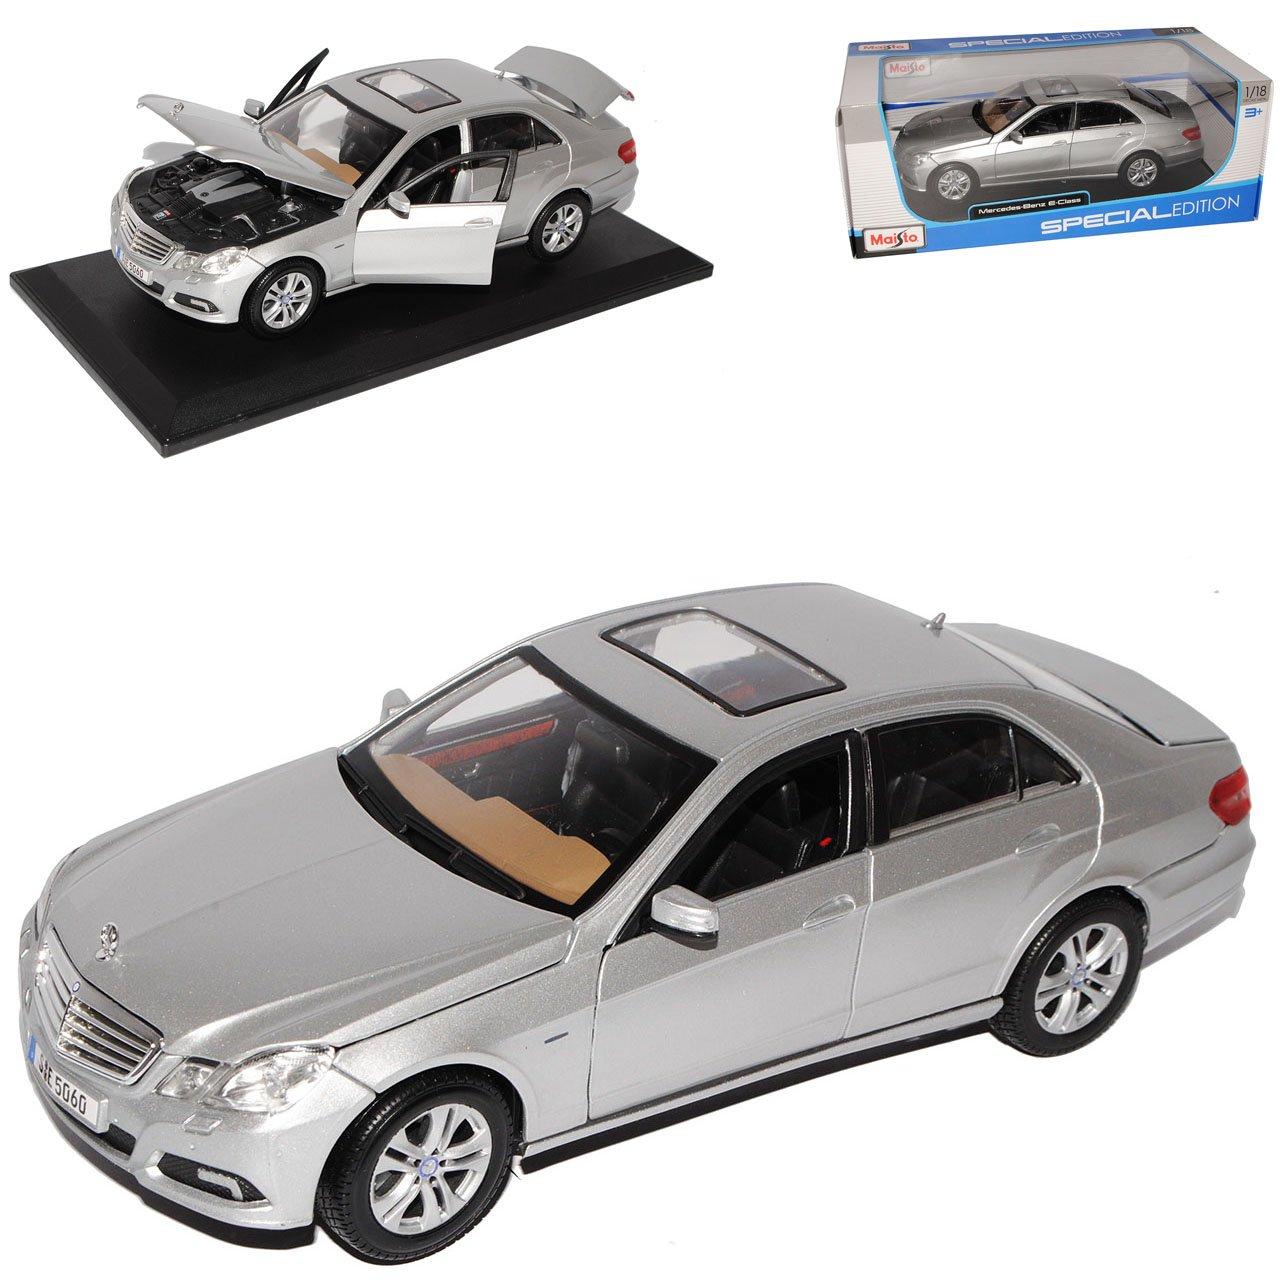 Maisto Mercedes-Benz E-Klasse Limousine Silber W212 Ab 2009 1/18 Modell Auto mit individiuellem Wunschkennzeichen